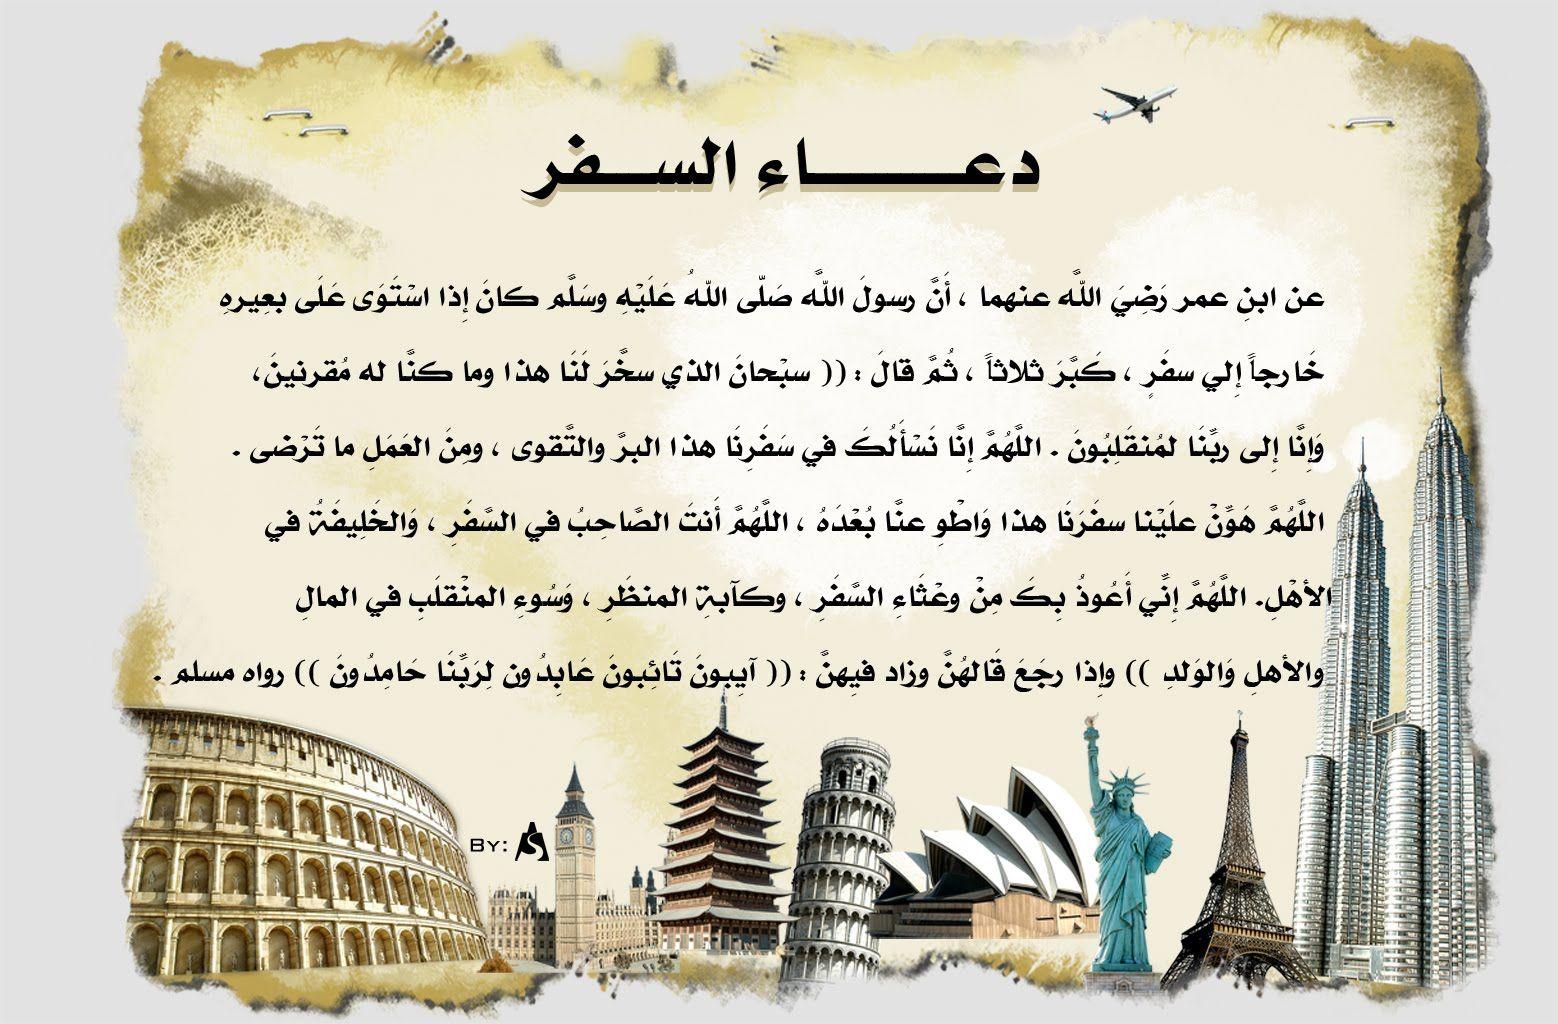 دعاء السفر الحذر على الطرق مدرسة بيت الحكمة Invocation Islamic Pictures Voyage